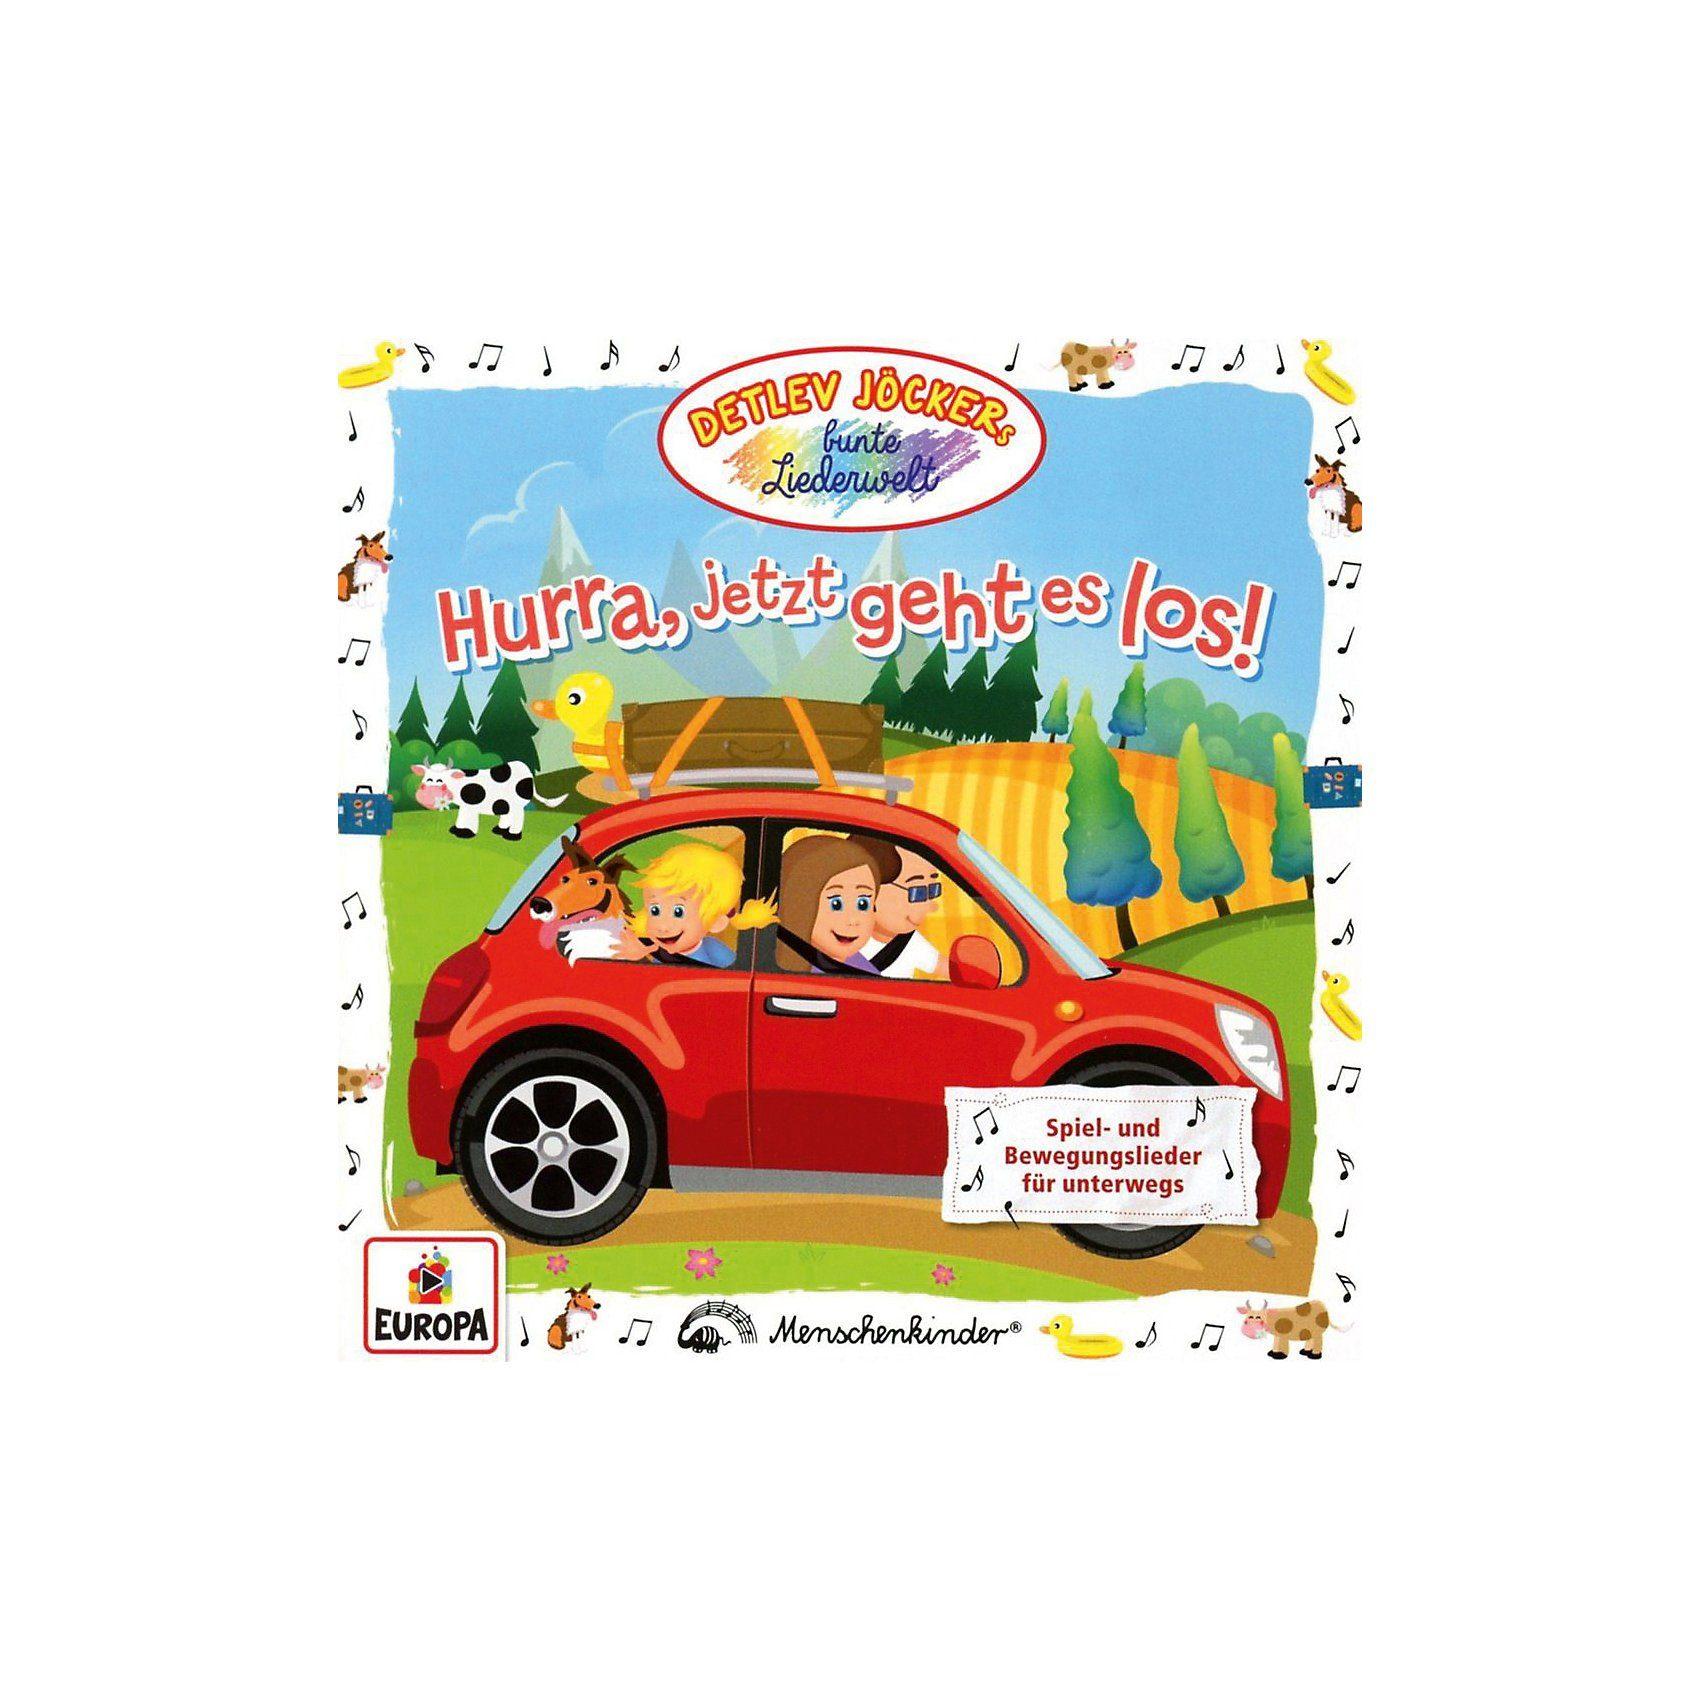 Sony CD Detlev Jöcker - Hurra jetzt geht es los